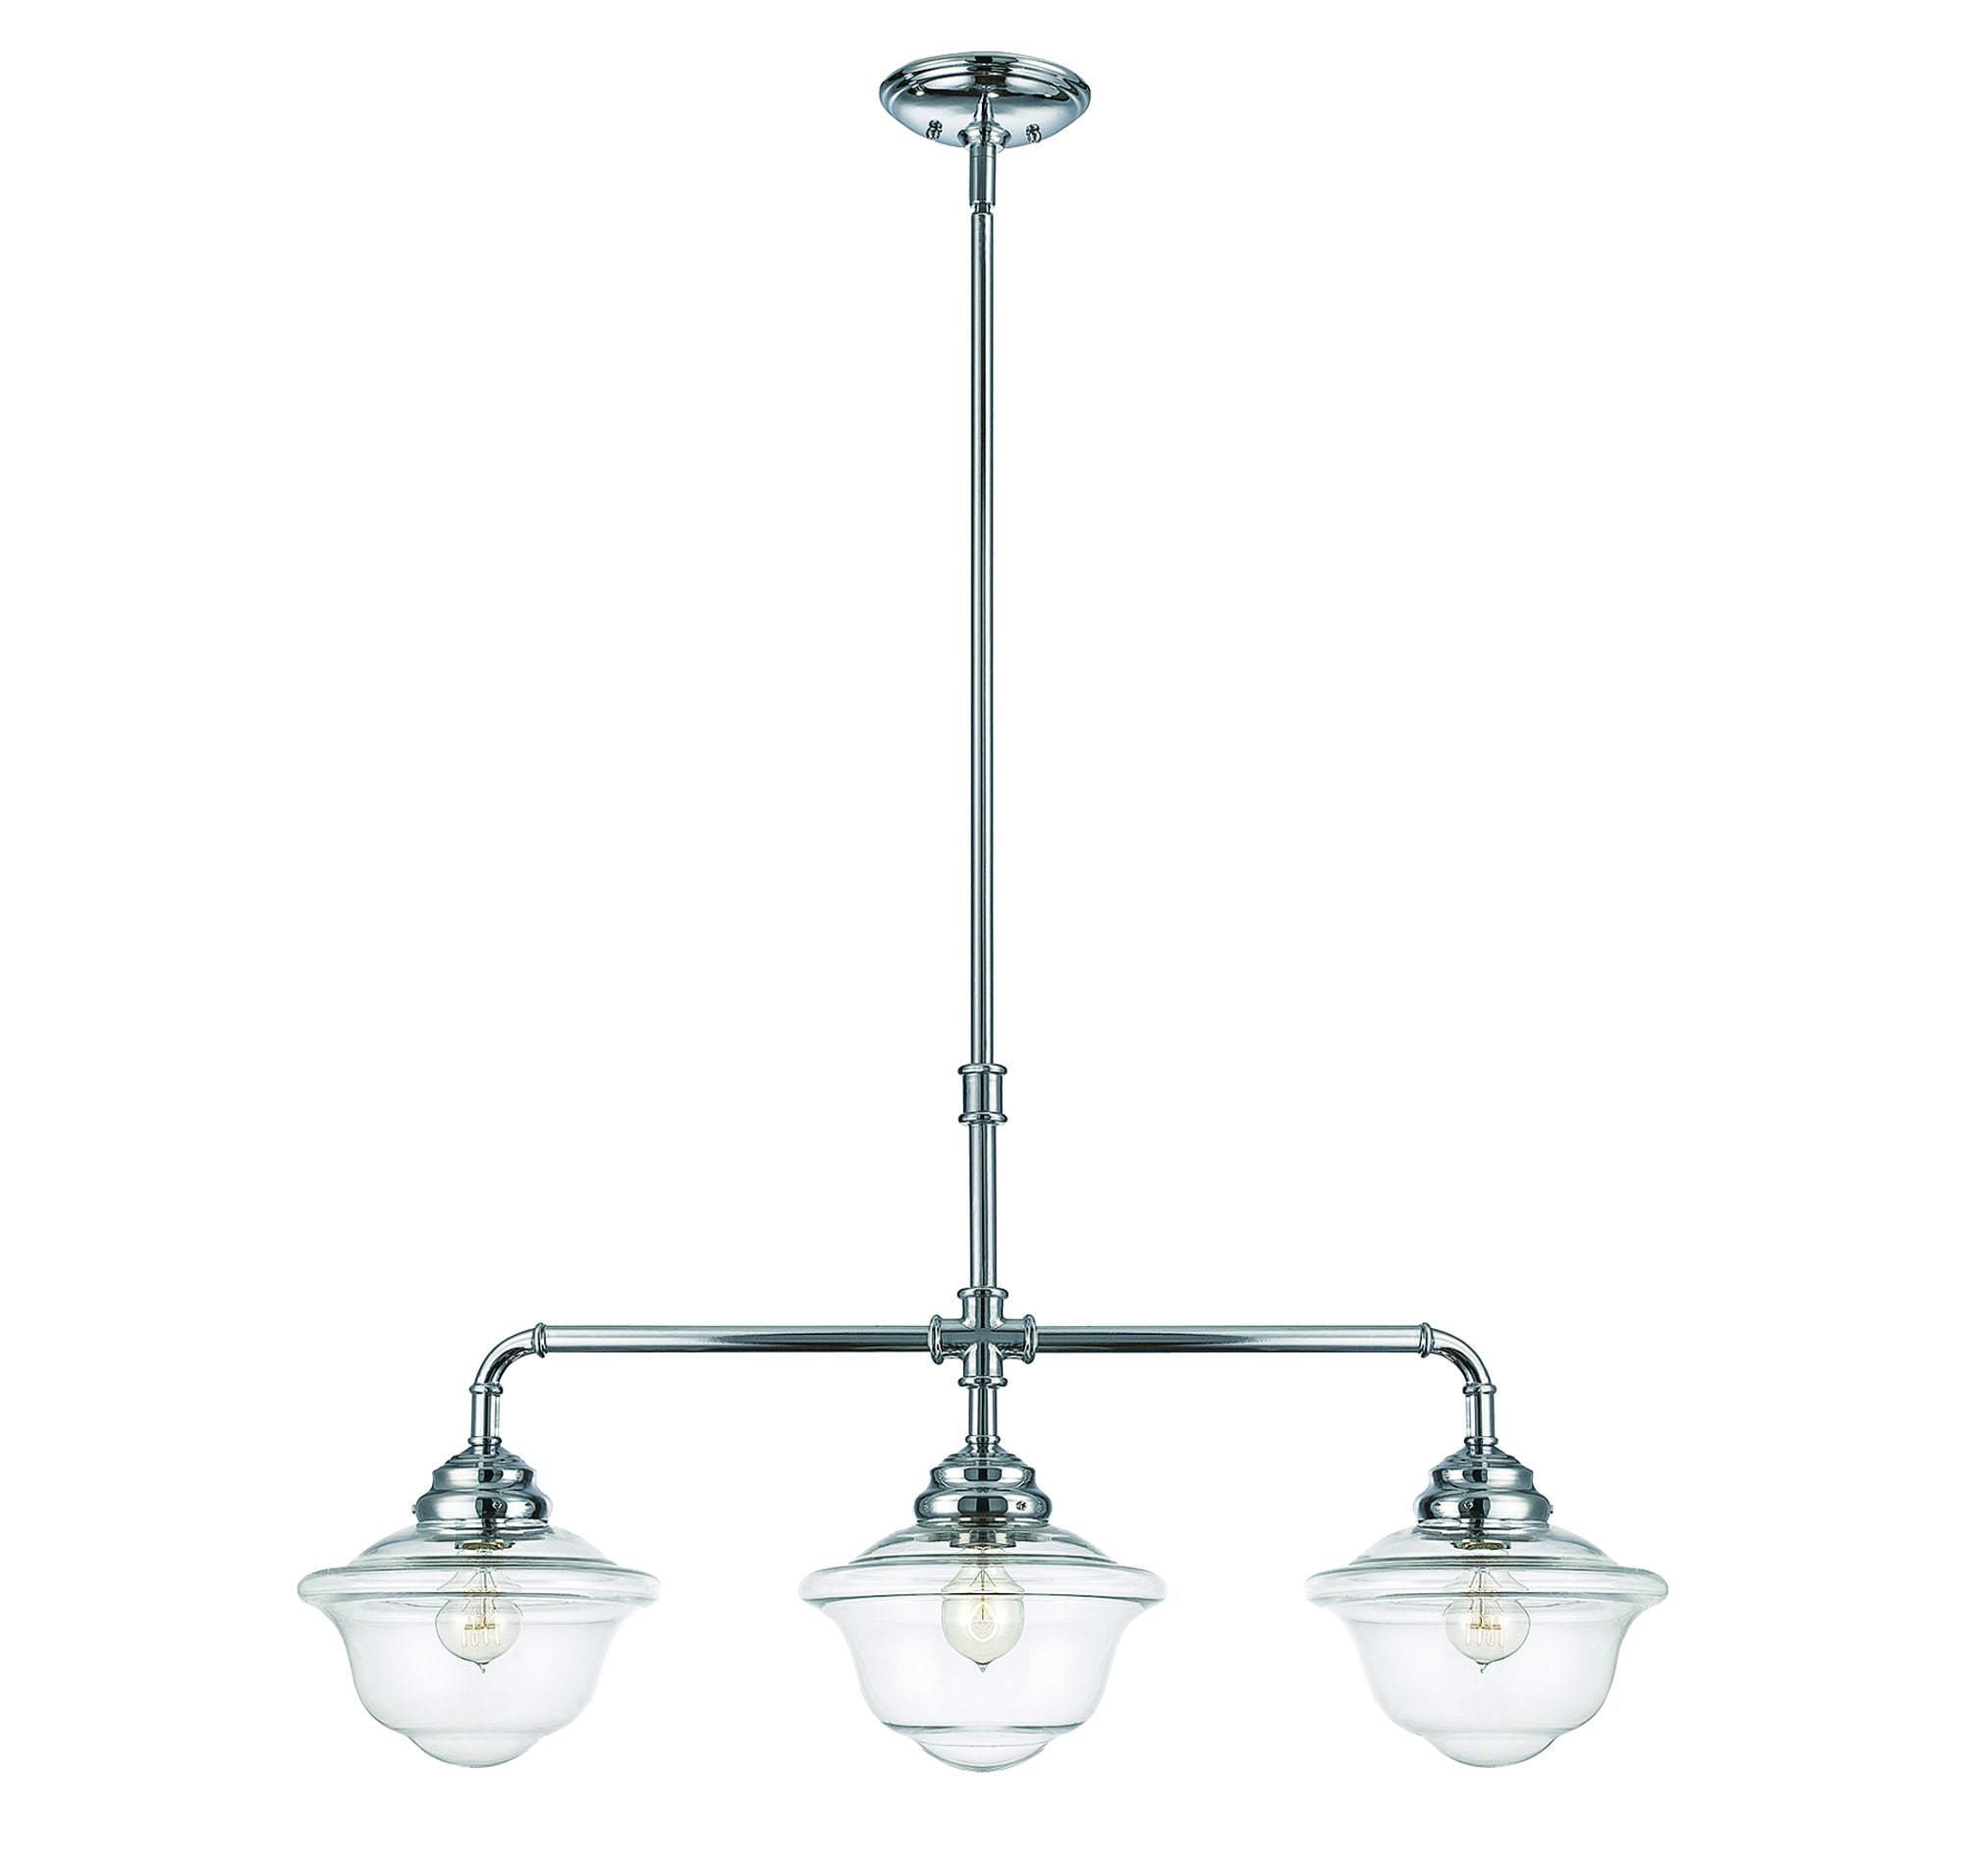 Fairfield three-light trestle pendant